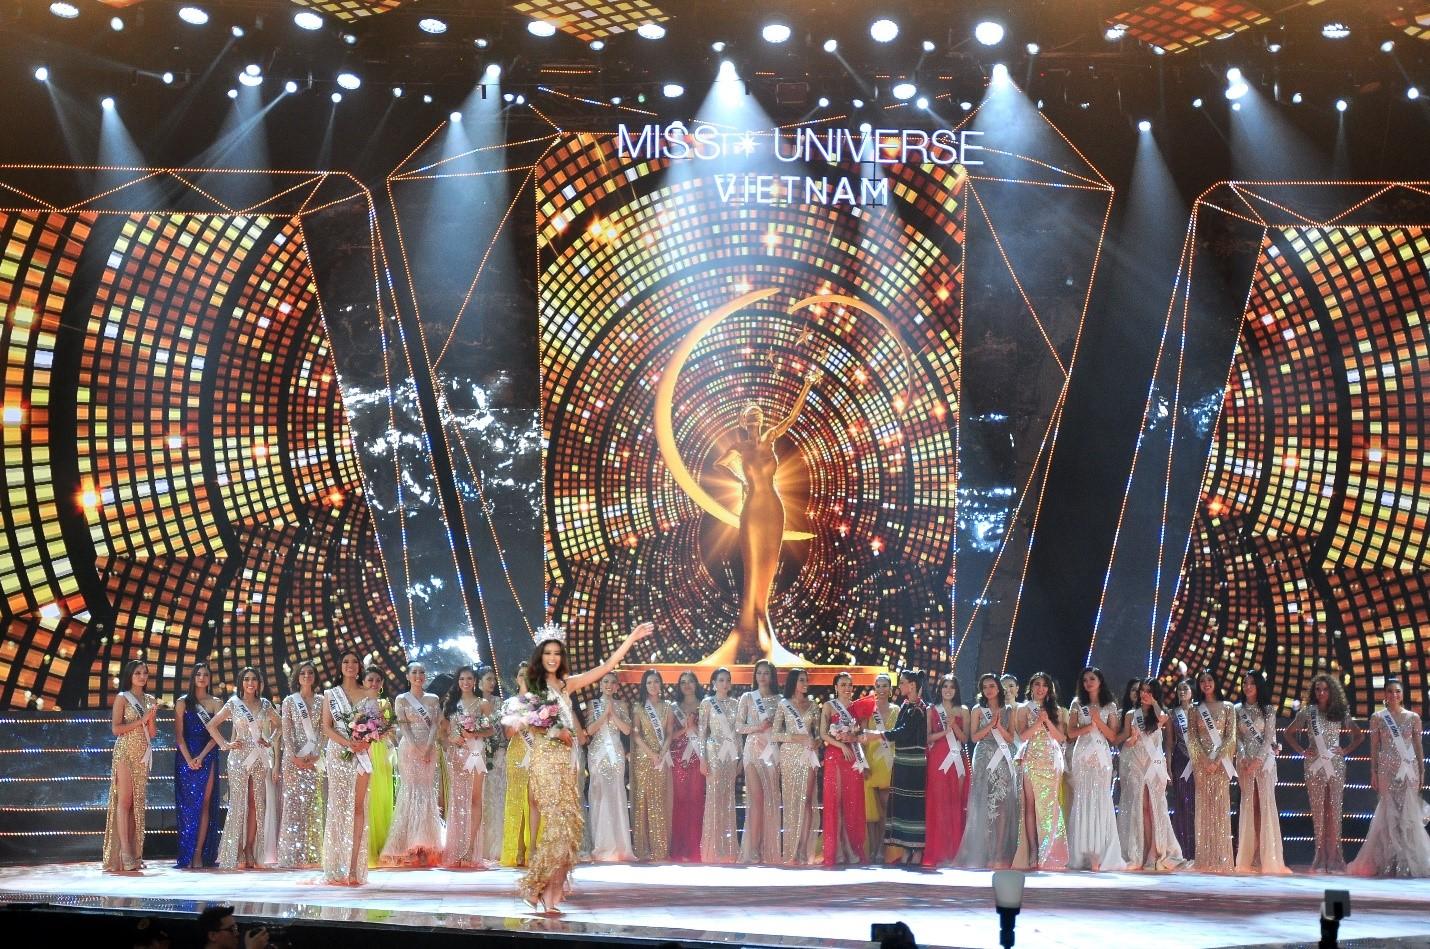 Tân Hoa hậu Nguyễn Trần Khánh Vân và Vương miện Brave Heart đã tìm được chủ nhân sở hữu sau hành trình dài tìm kiếm người kế vị.